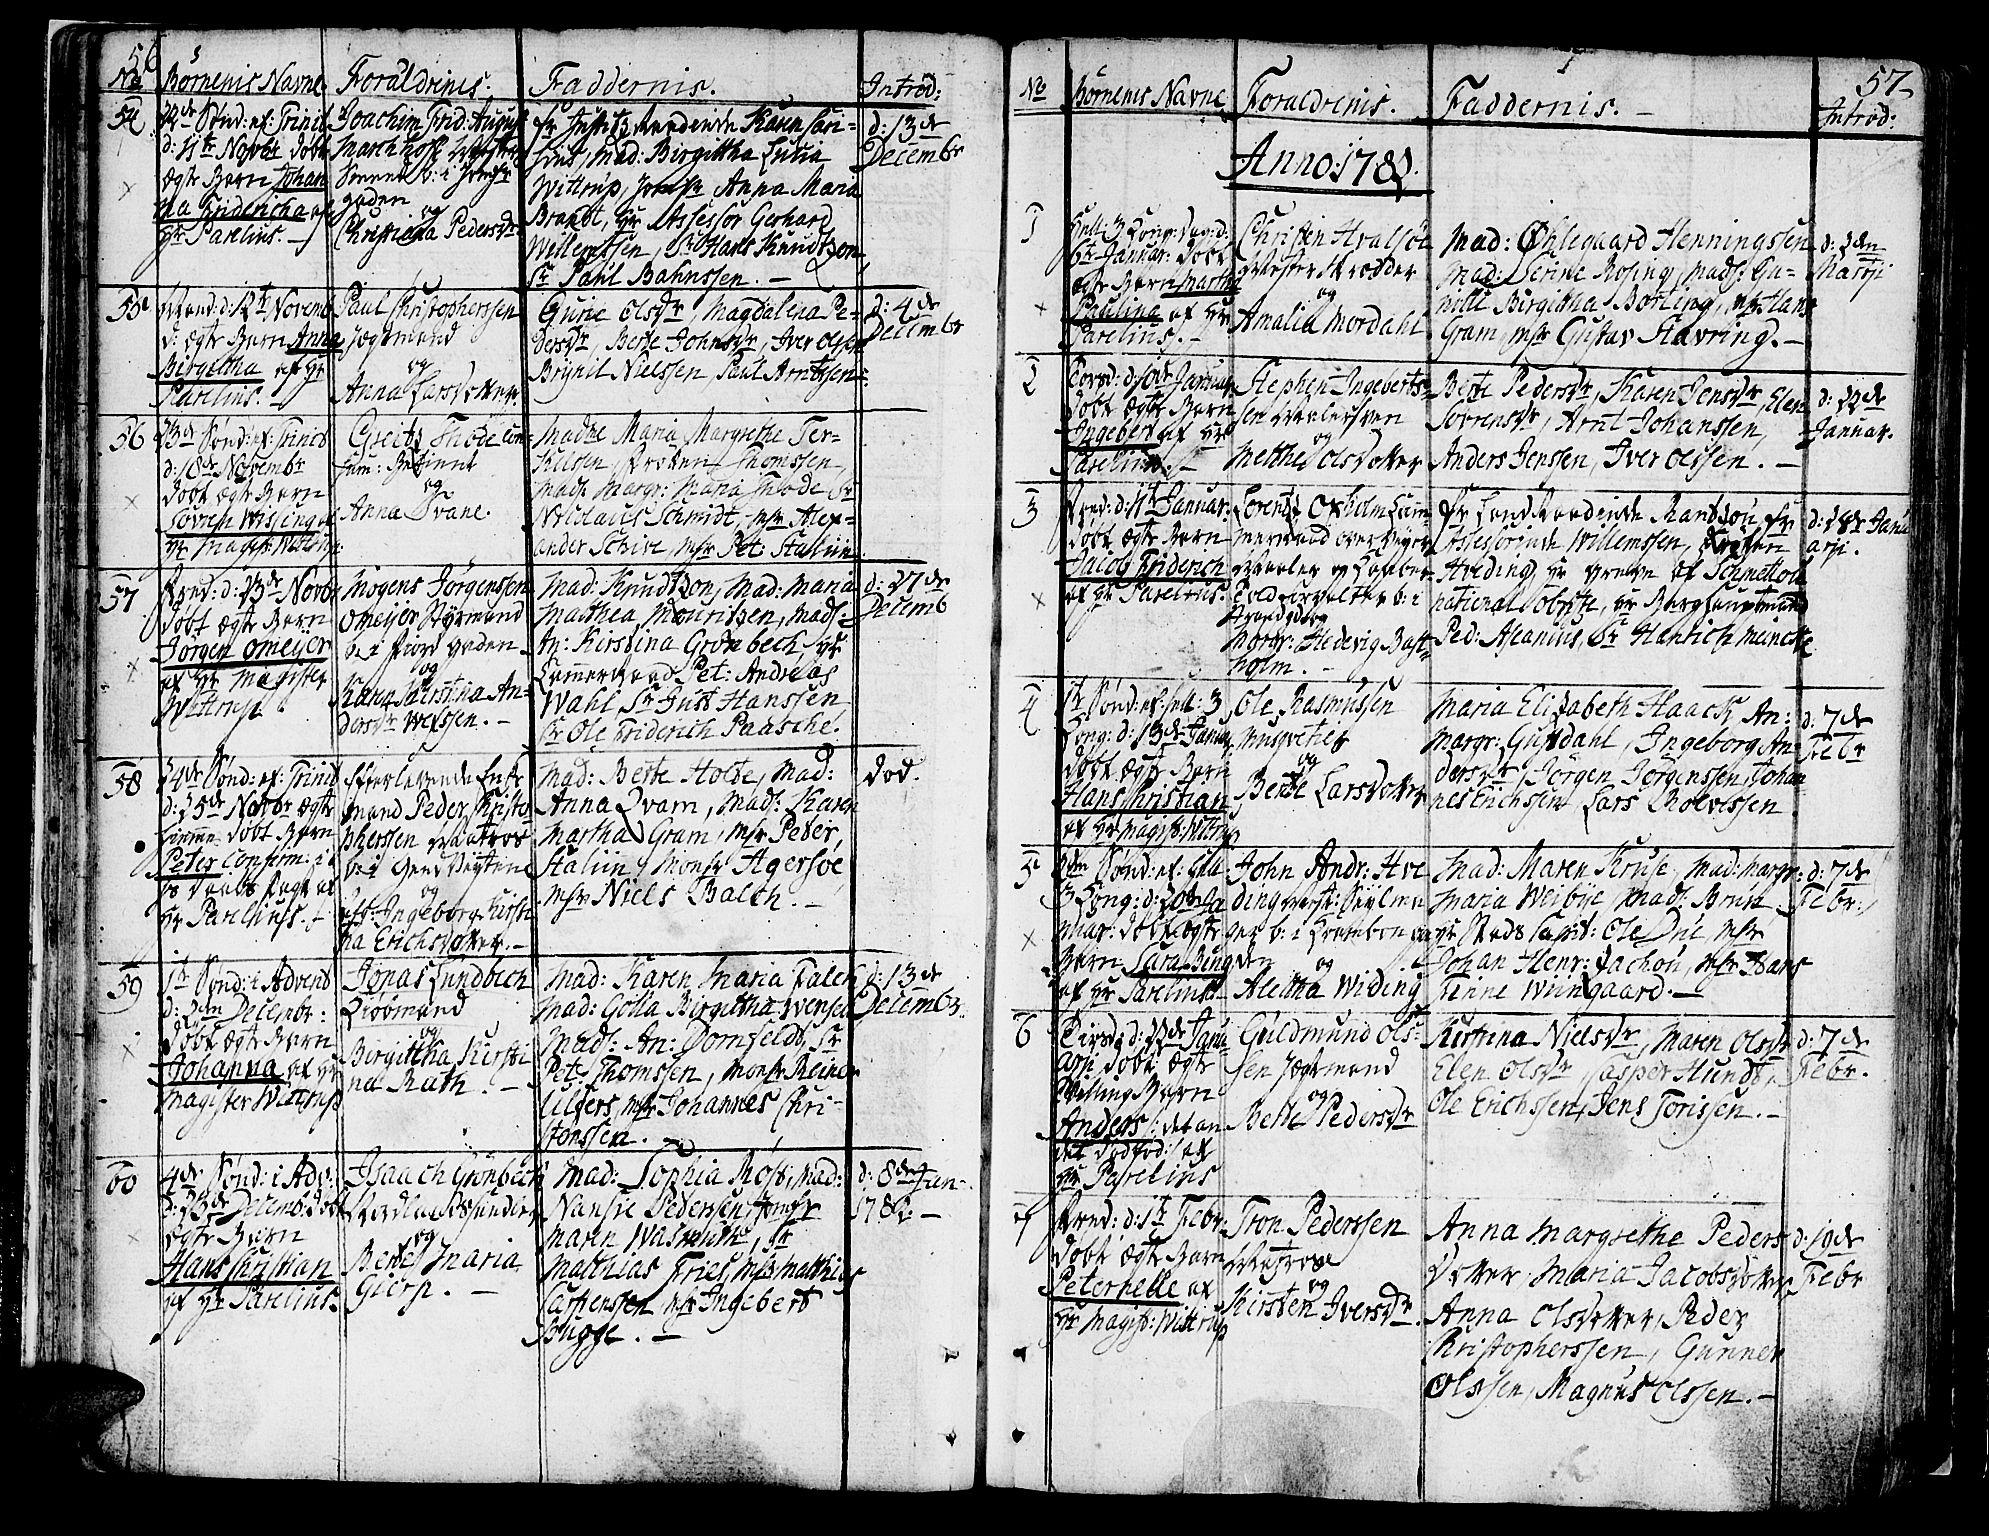 SAT, Ministerialprotokoller, klokkerbøker og fødselsregistre - Sør-Trøndelag, 602/L0104: Ministerialbok nr. 602A02, 1774-1814, s. 56-57